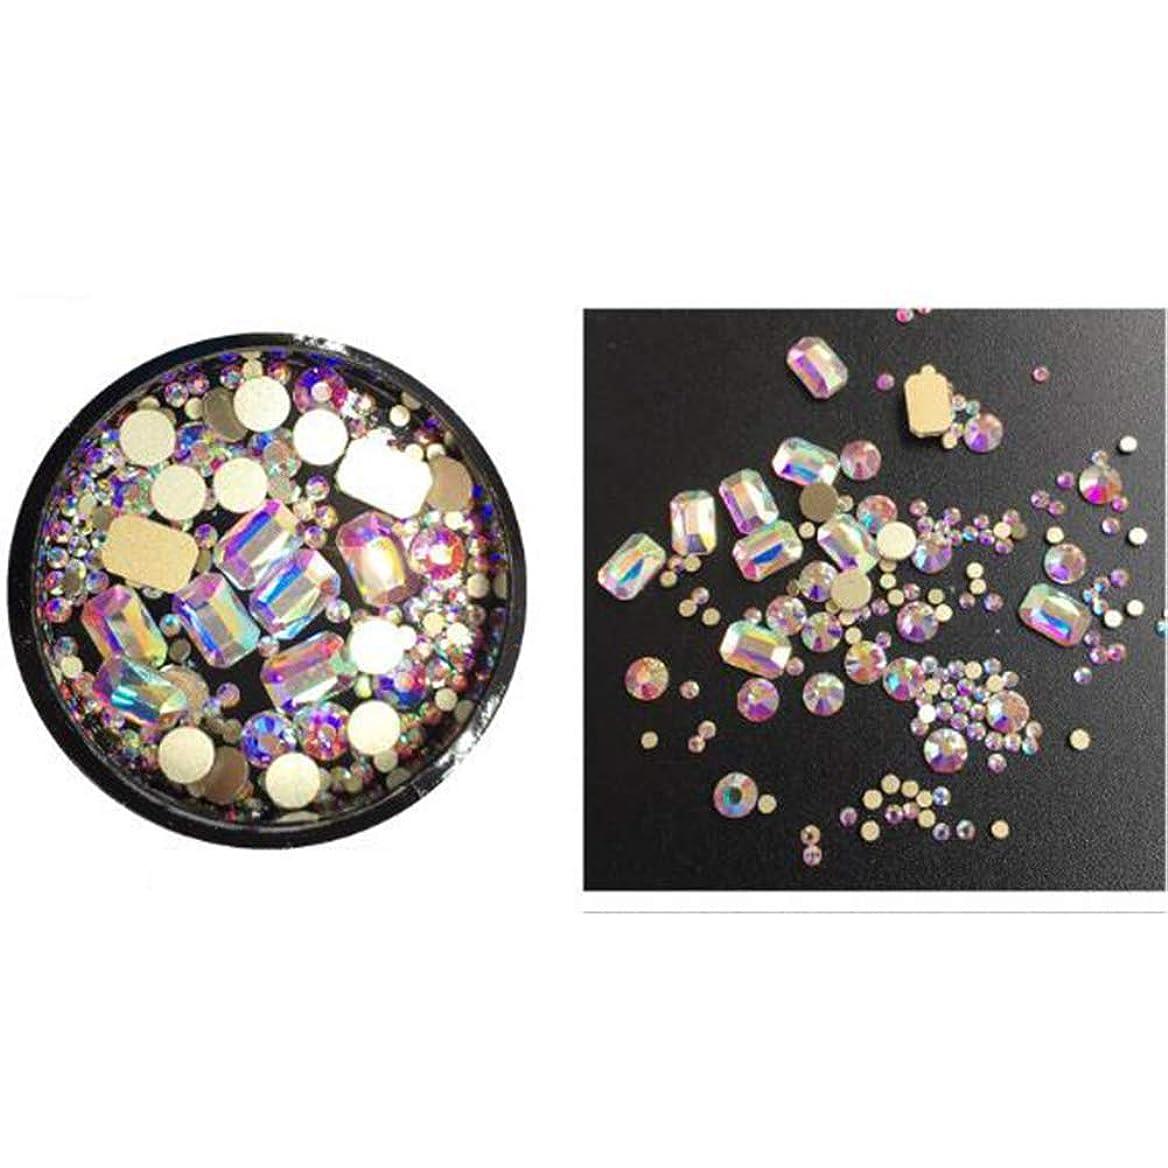 湿地節約ガラスACHICOO ネイルジュエリー ダイヤモンド クリスタル ファッション シマーネイルデコレーション DIY 装飾 ロングアニスABカラーダイヤモンド